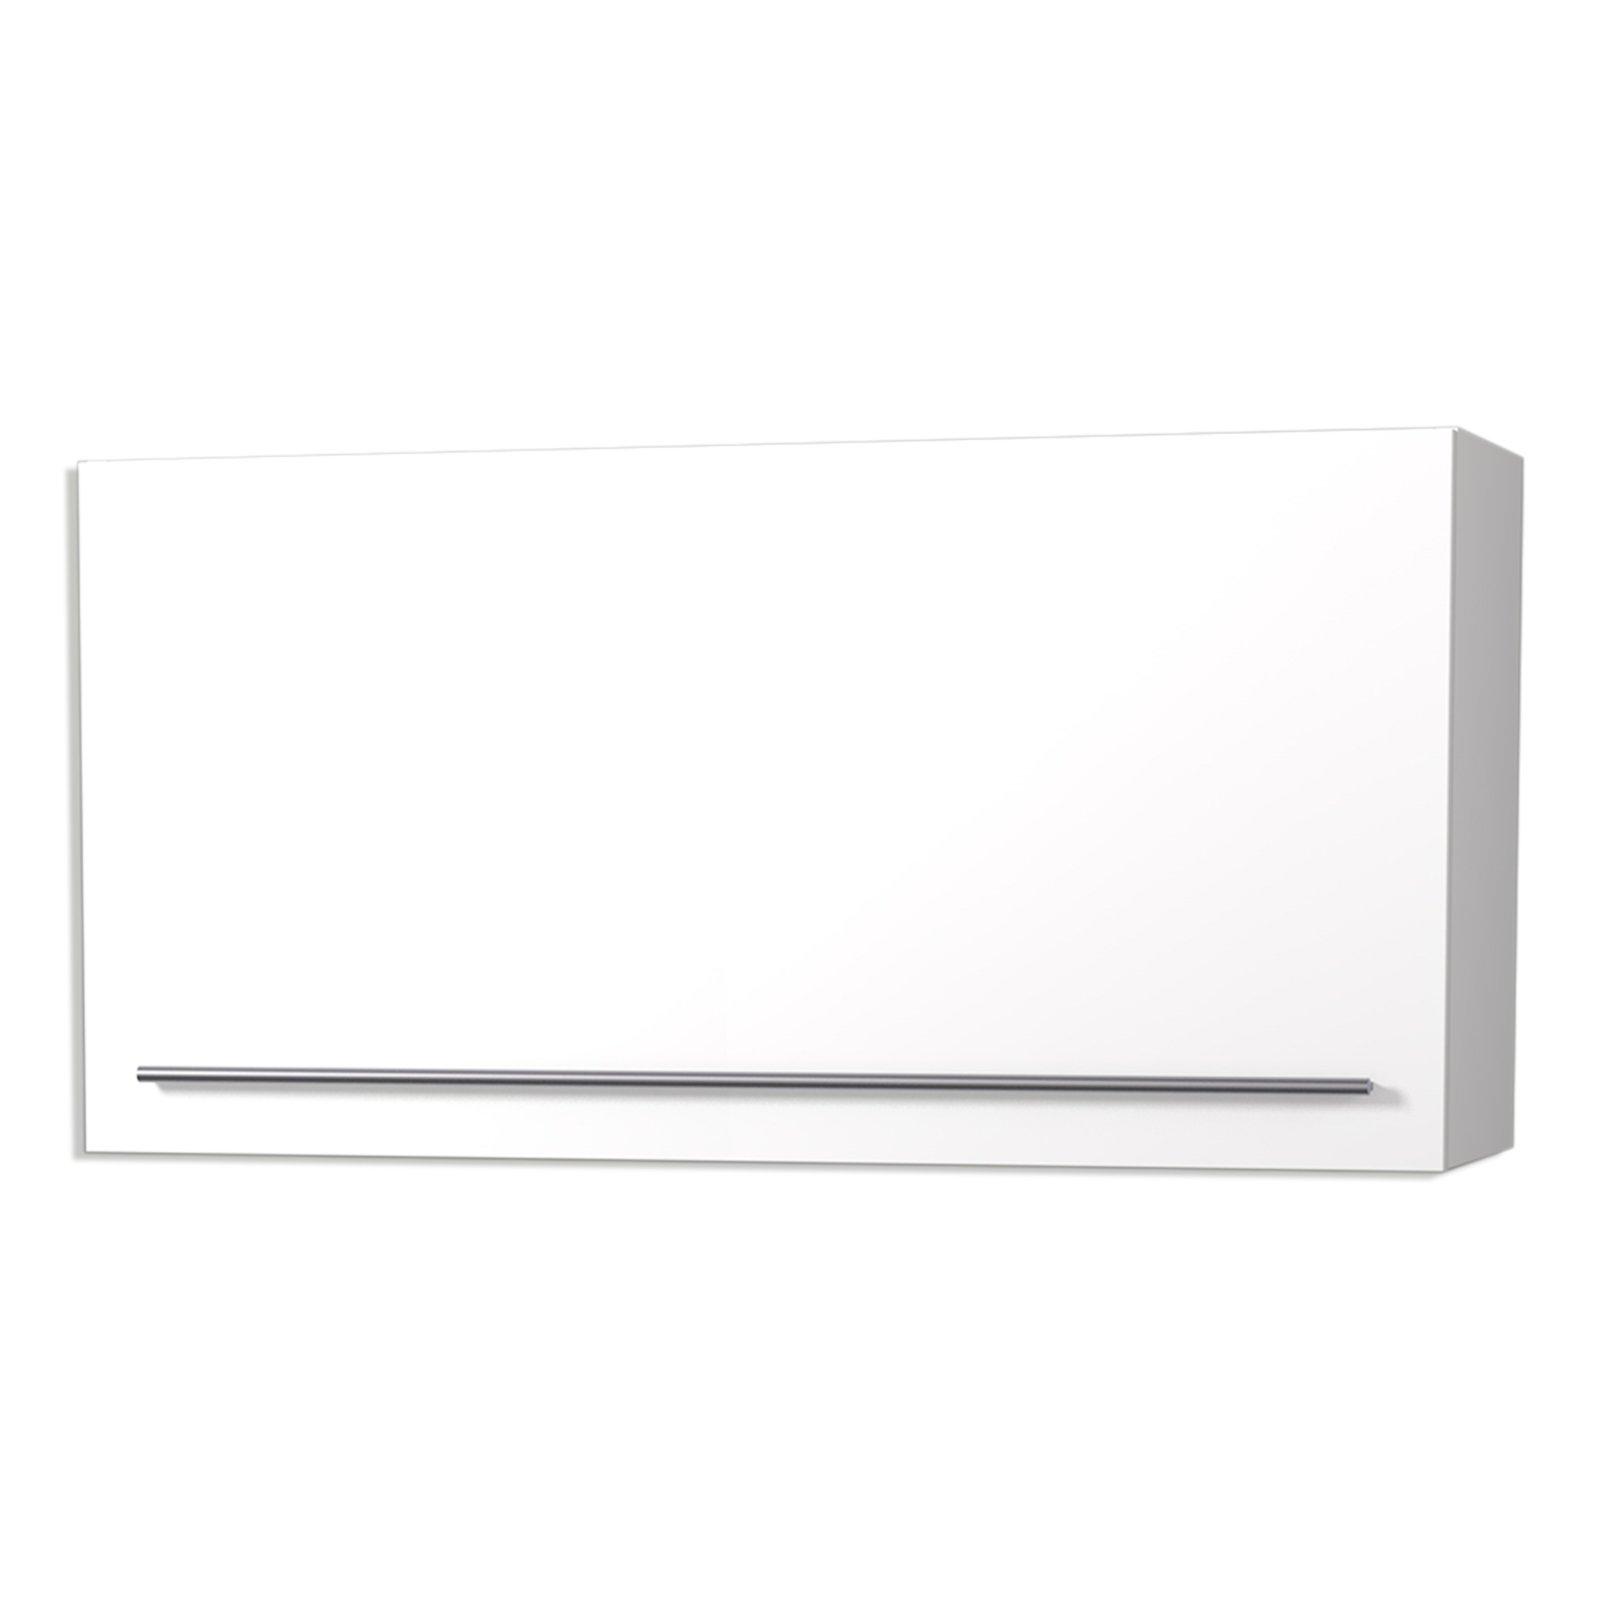 Hängeschrank   Weiß Hochglanz   0153015000